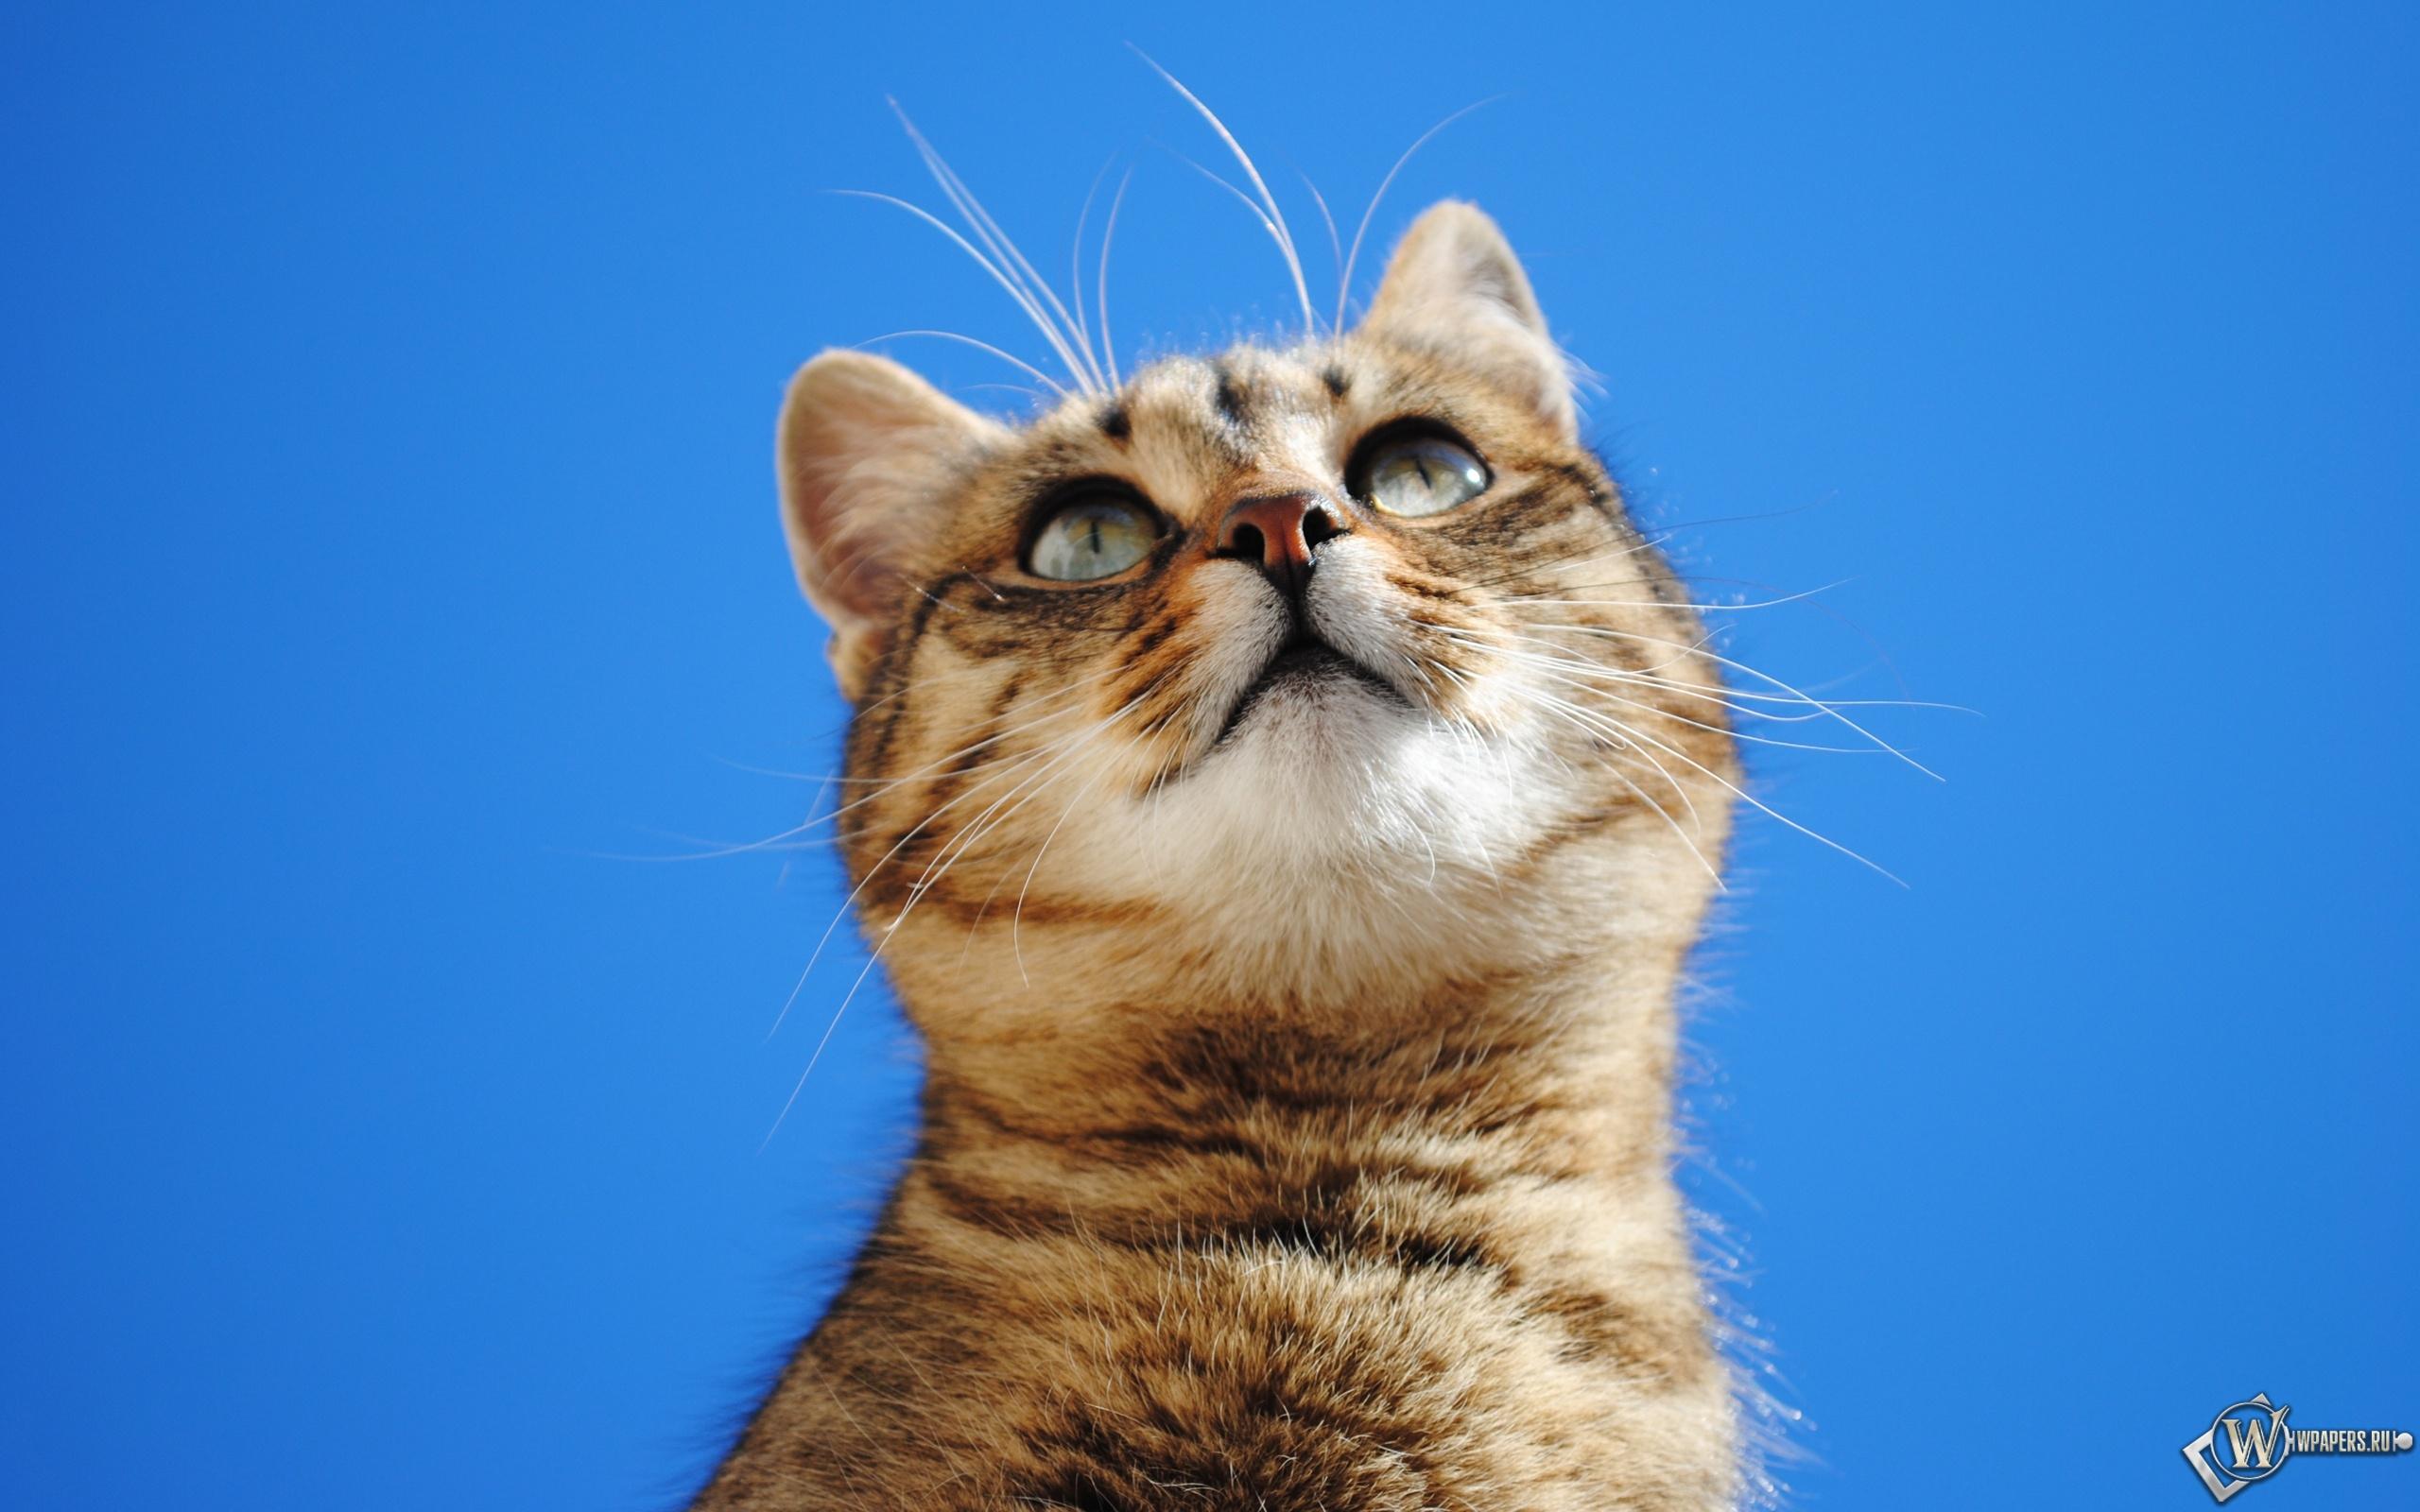 Кот на голубом фоне 2560x1600